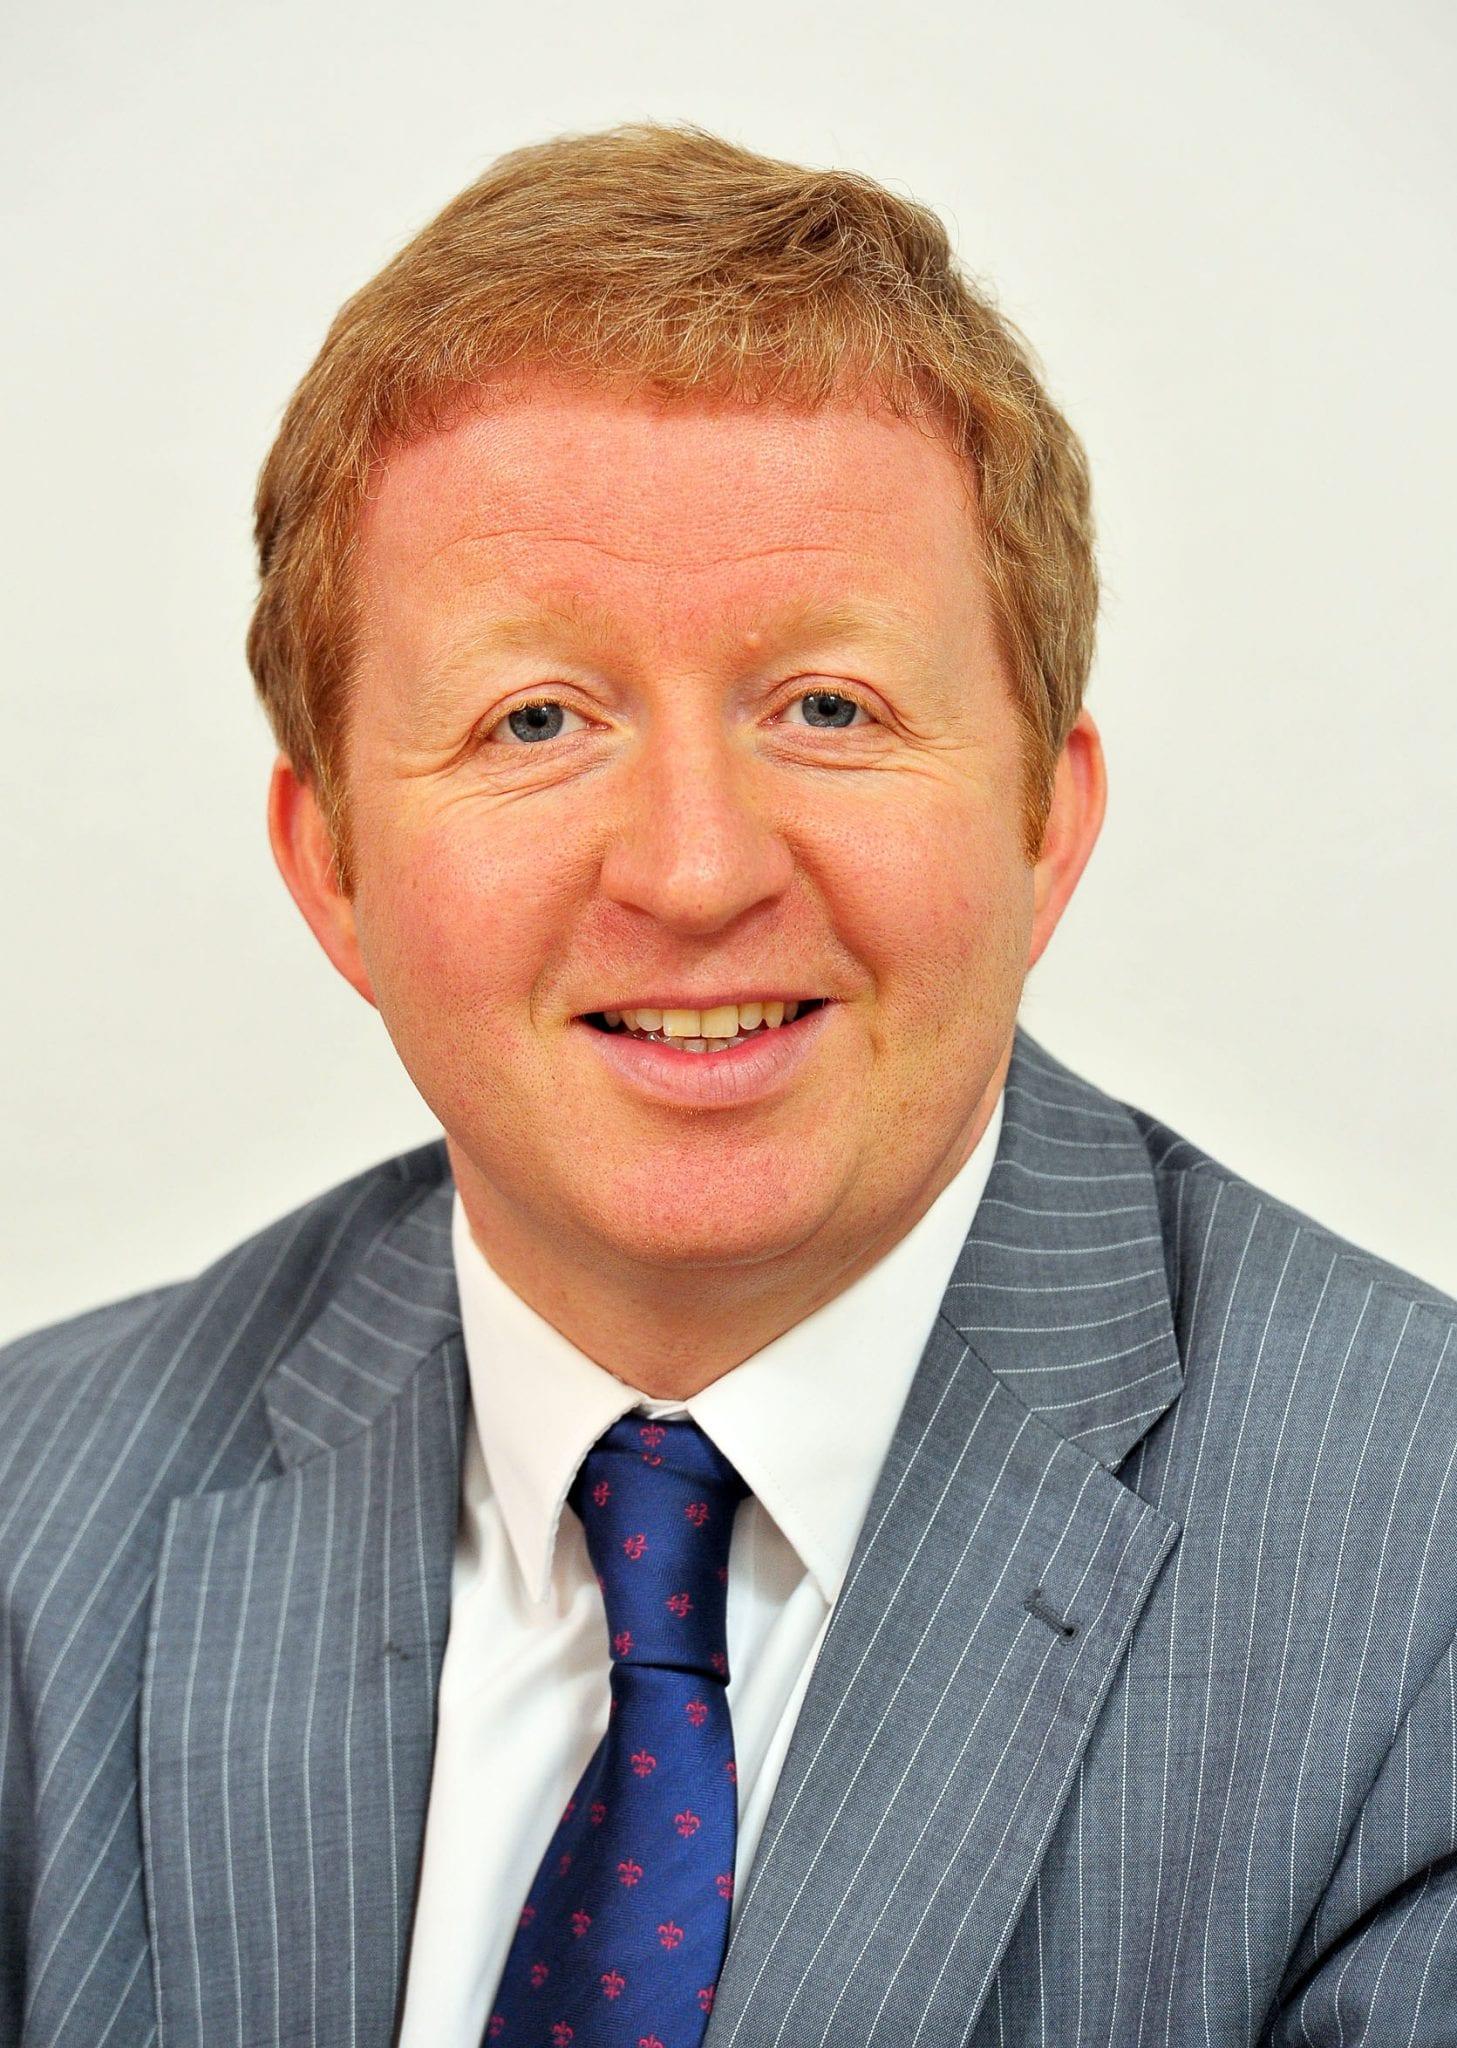 Shane O'Neill - Profile